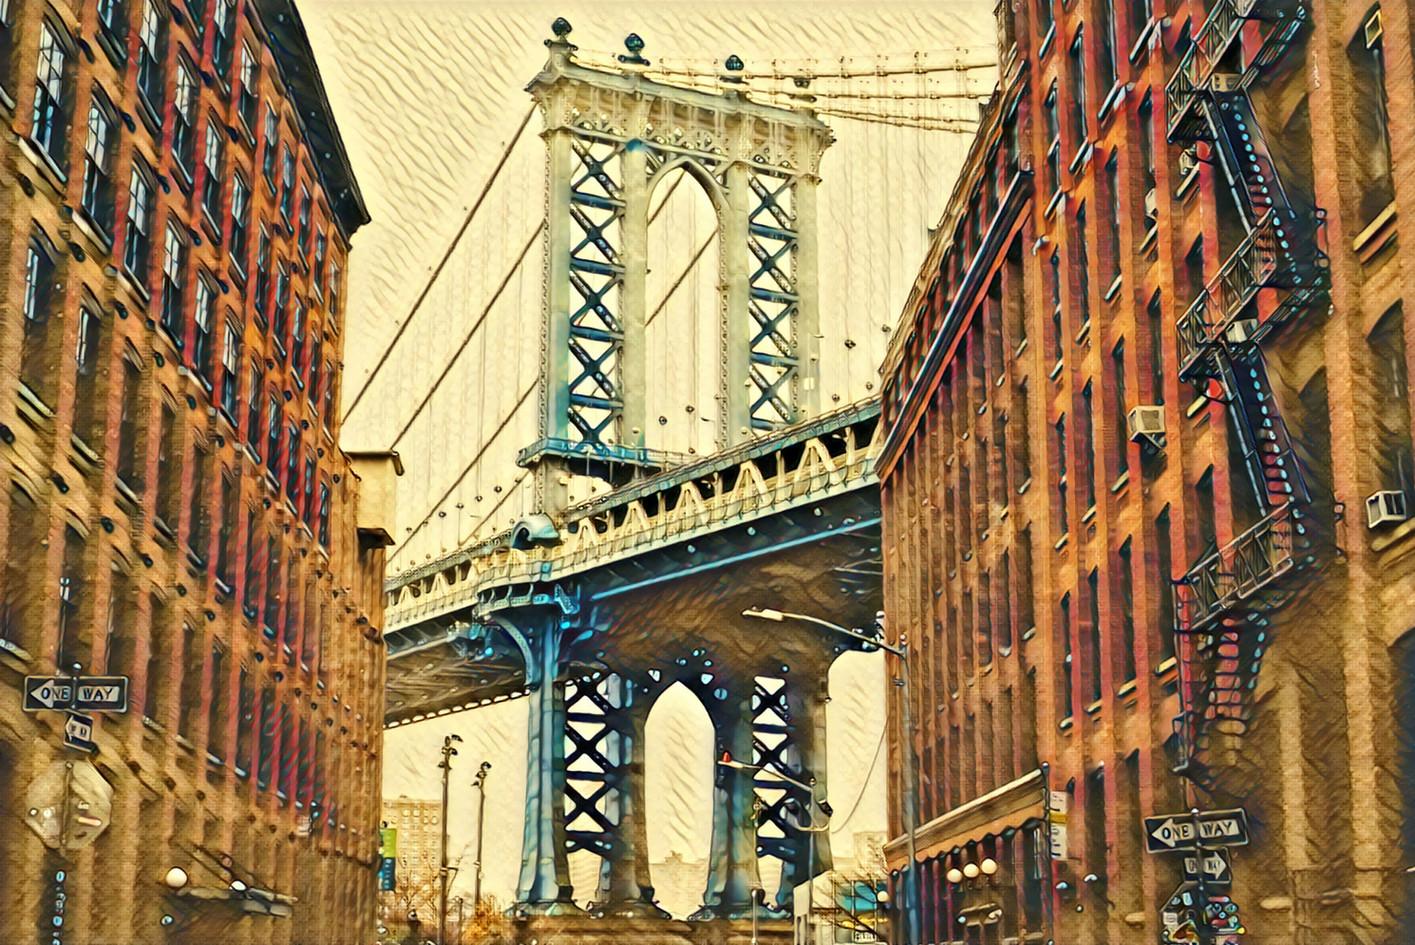 1999.10. 건물사이에 보이는 뉴욕 금문교.jpg